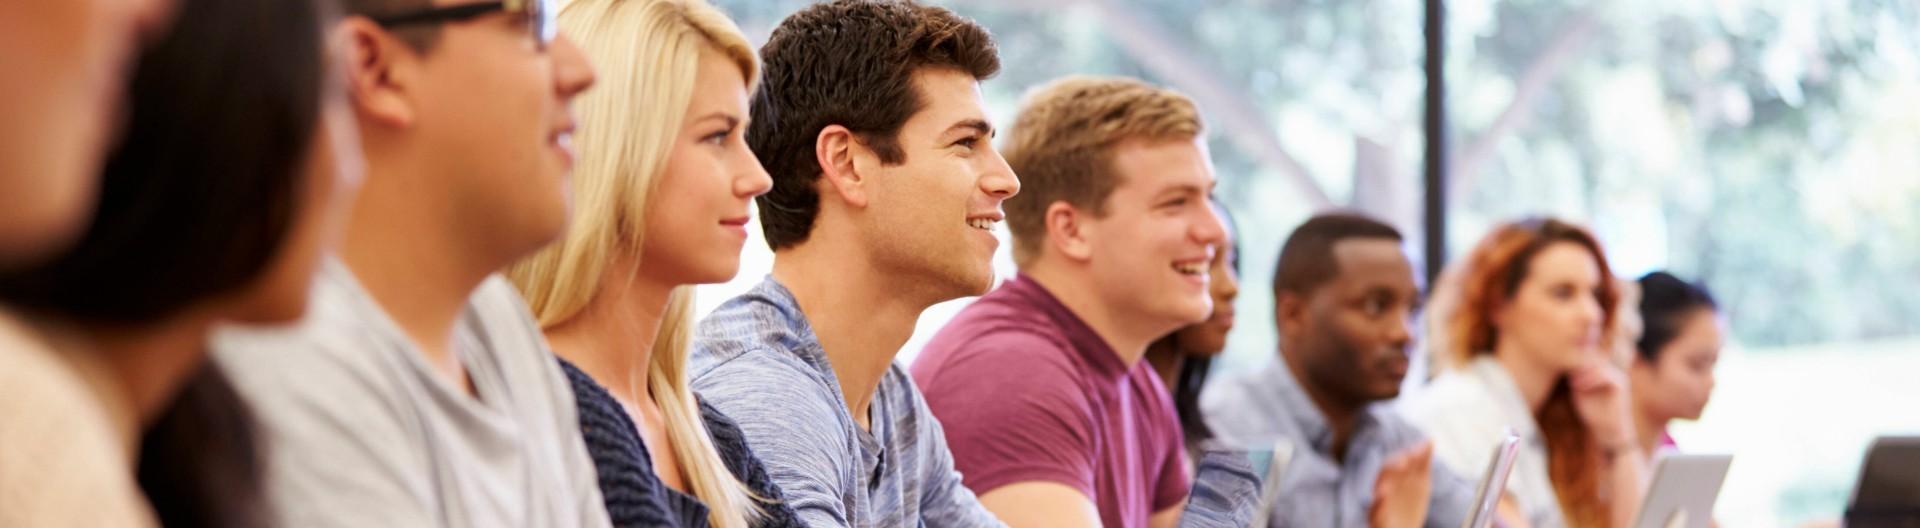 Studierende bei einer Vorlesung